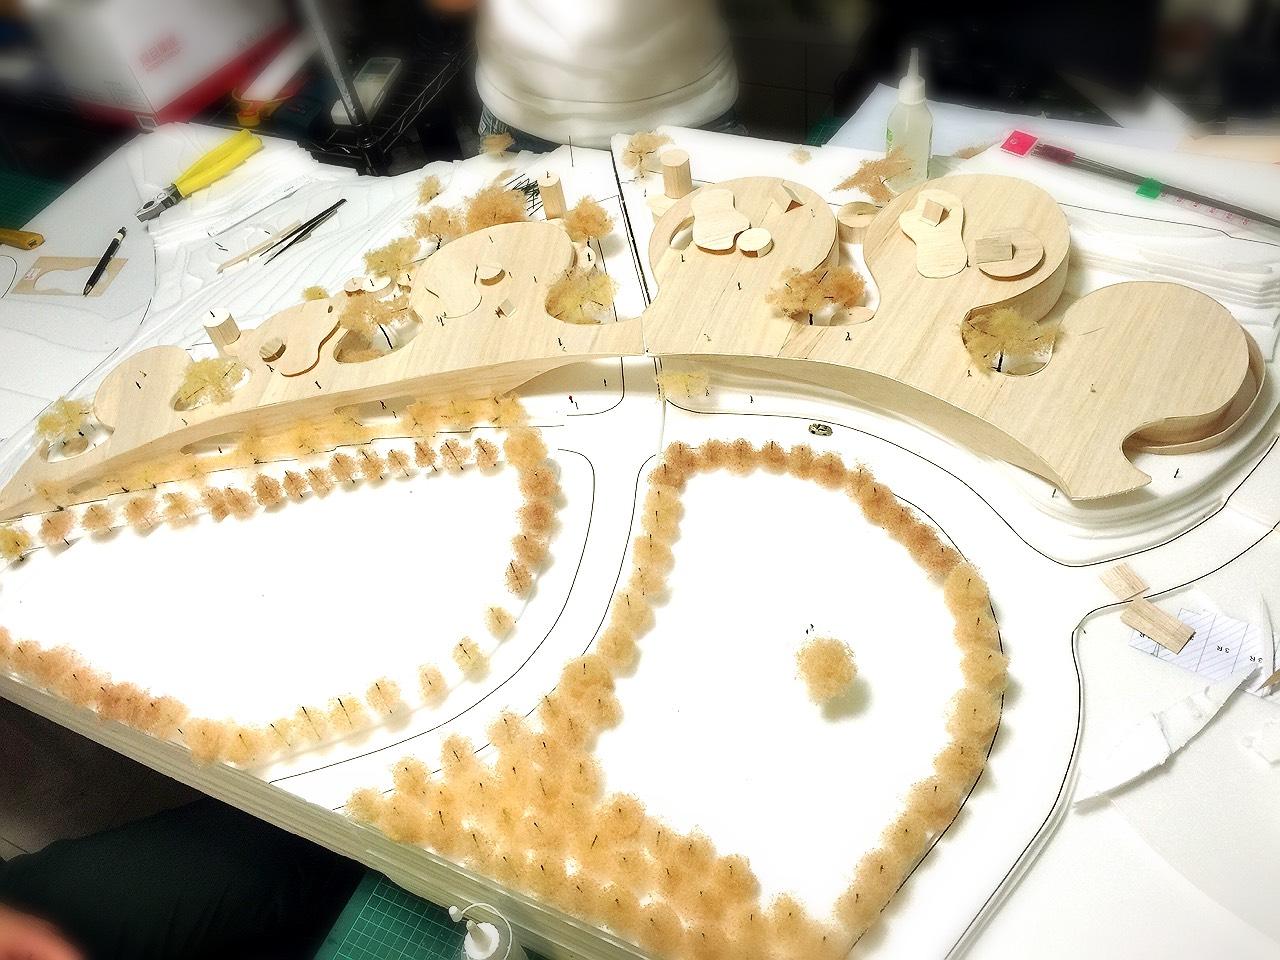 德築-DEZU-project-龍潭森活村-architecture-building-model-6